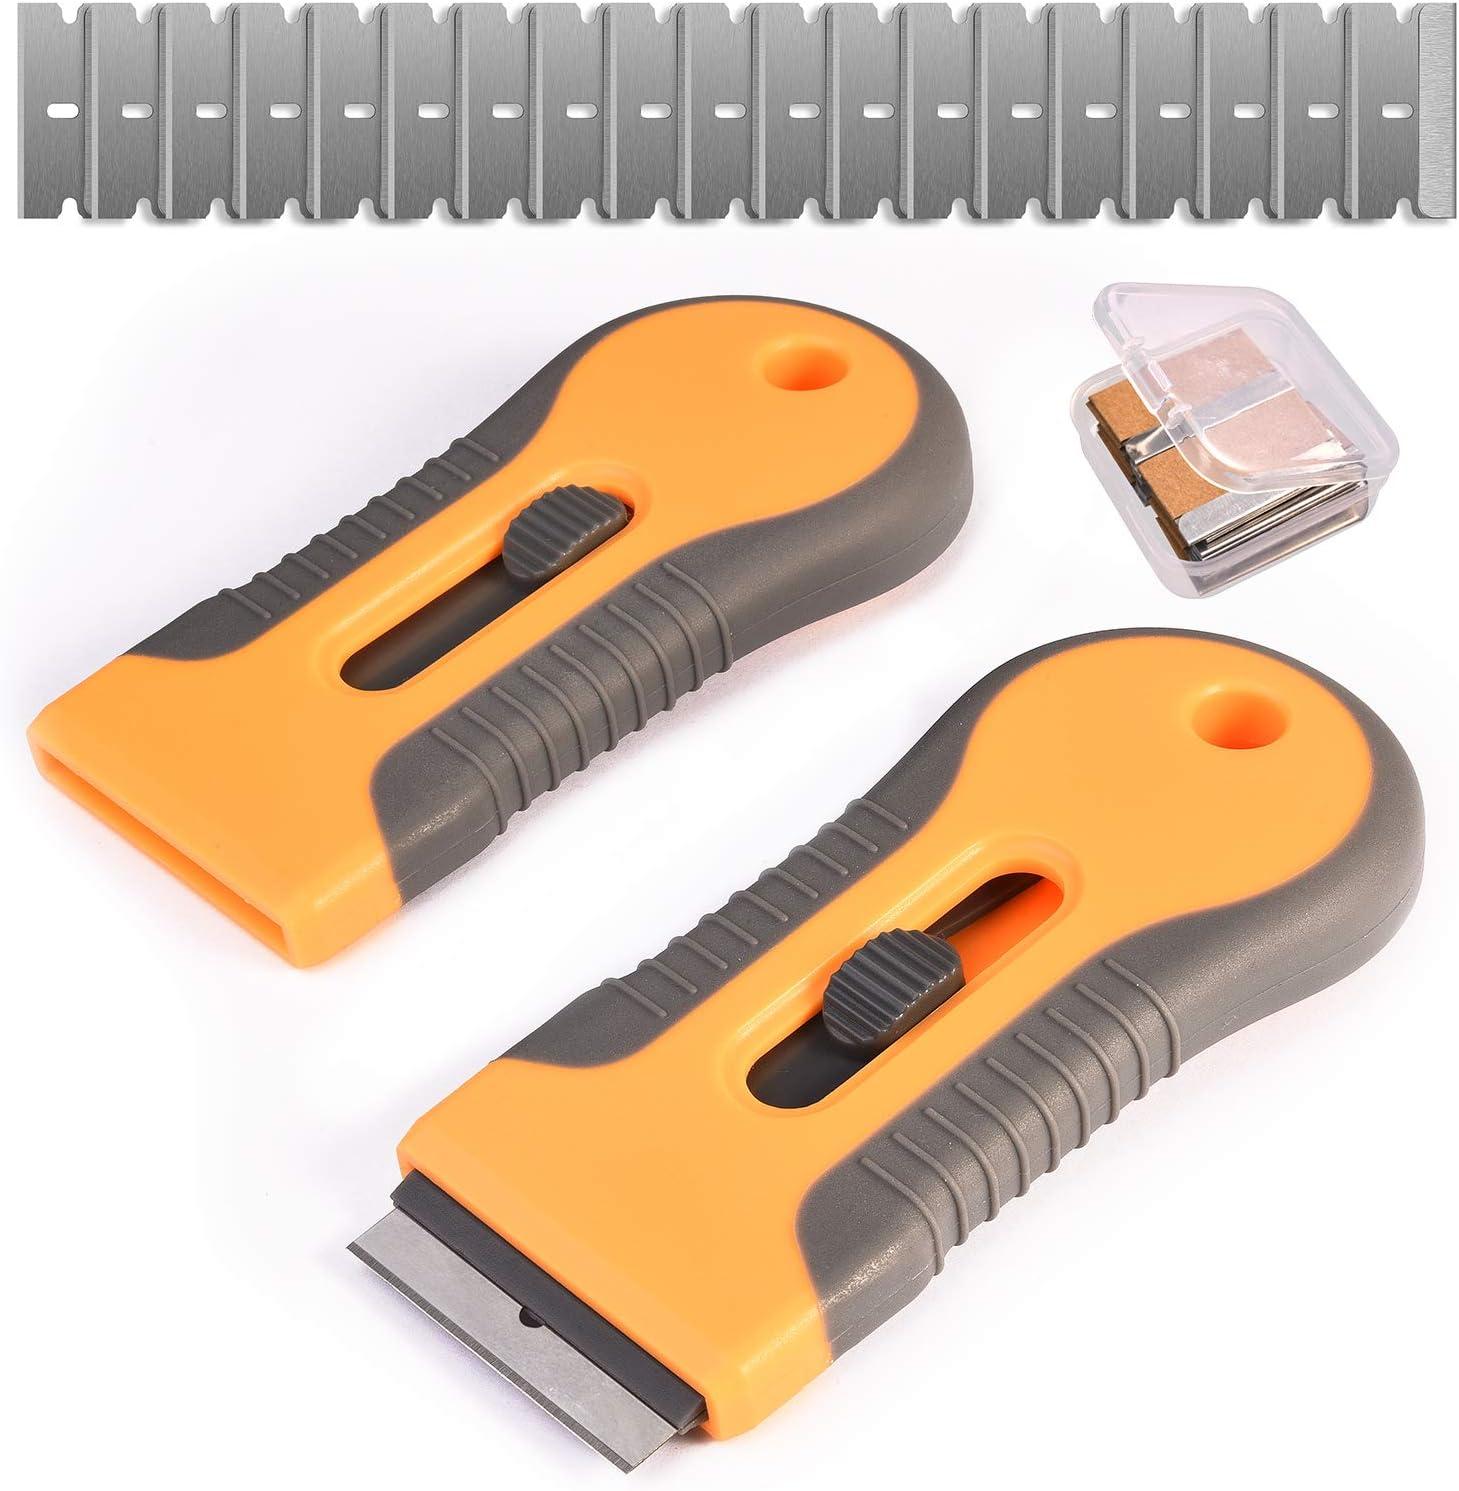 Razor Blade Scraper, 2 Pcs Plastic Retractable Razor Scraper with 40 Pcs Steel Scraper Blades for Glass Cooktop Windows